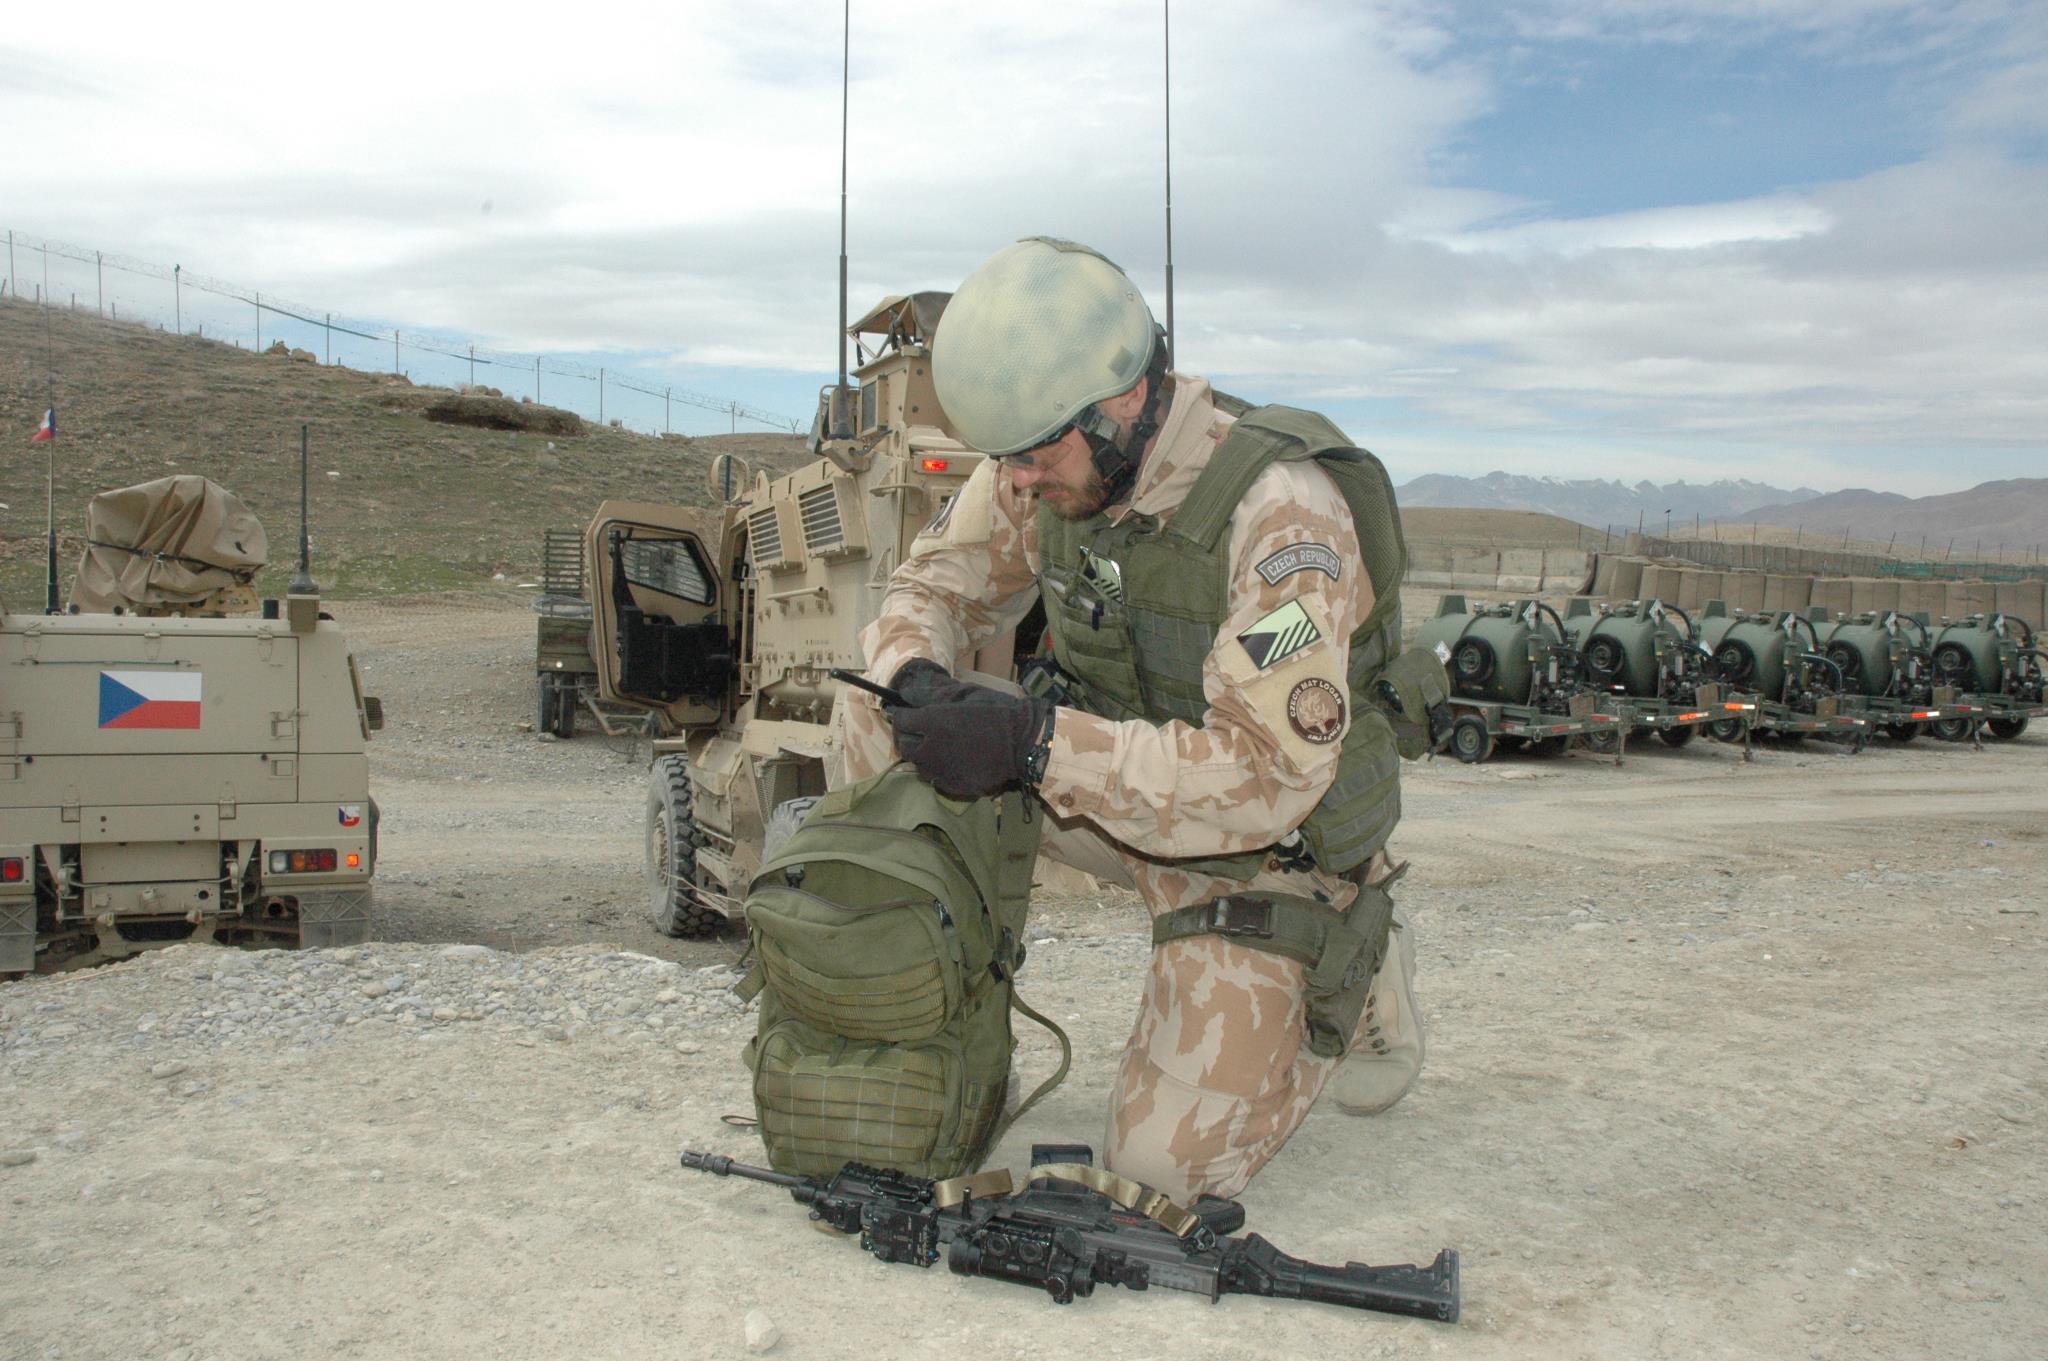 Armáda chce na sociálních sítích lákat nové lidi do aktivních záloh. Slibuje jim vyšší platy